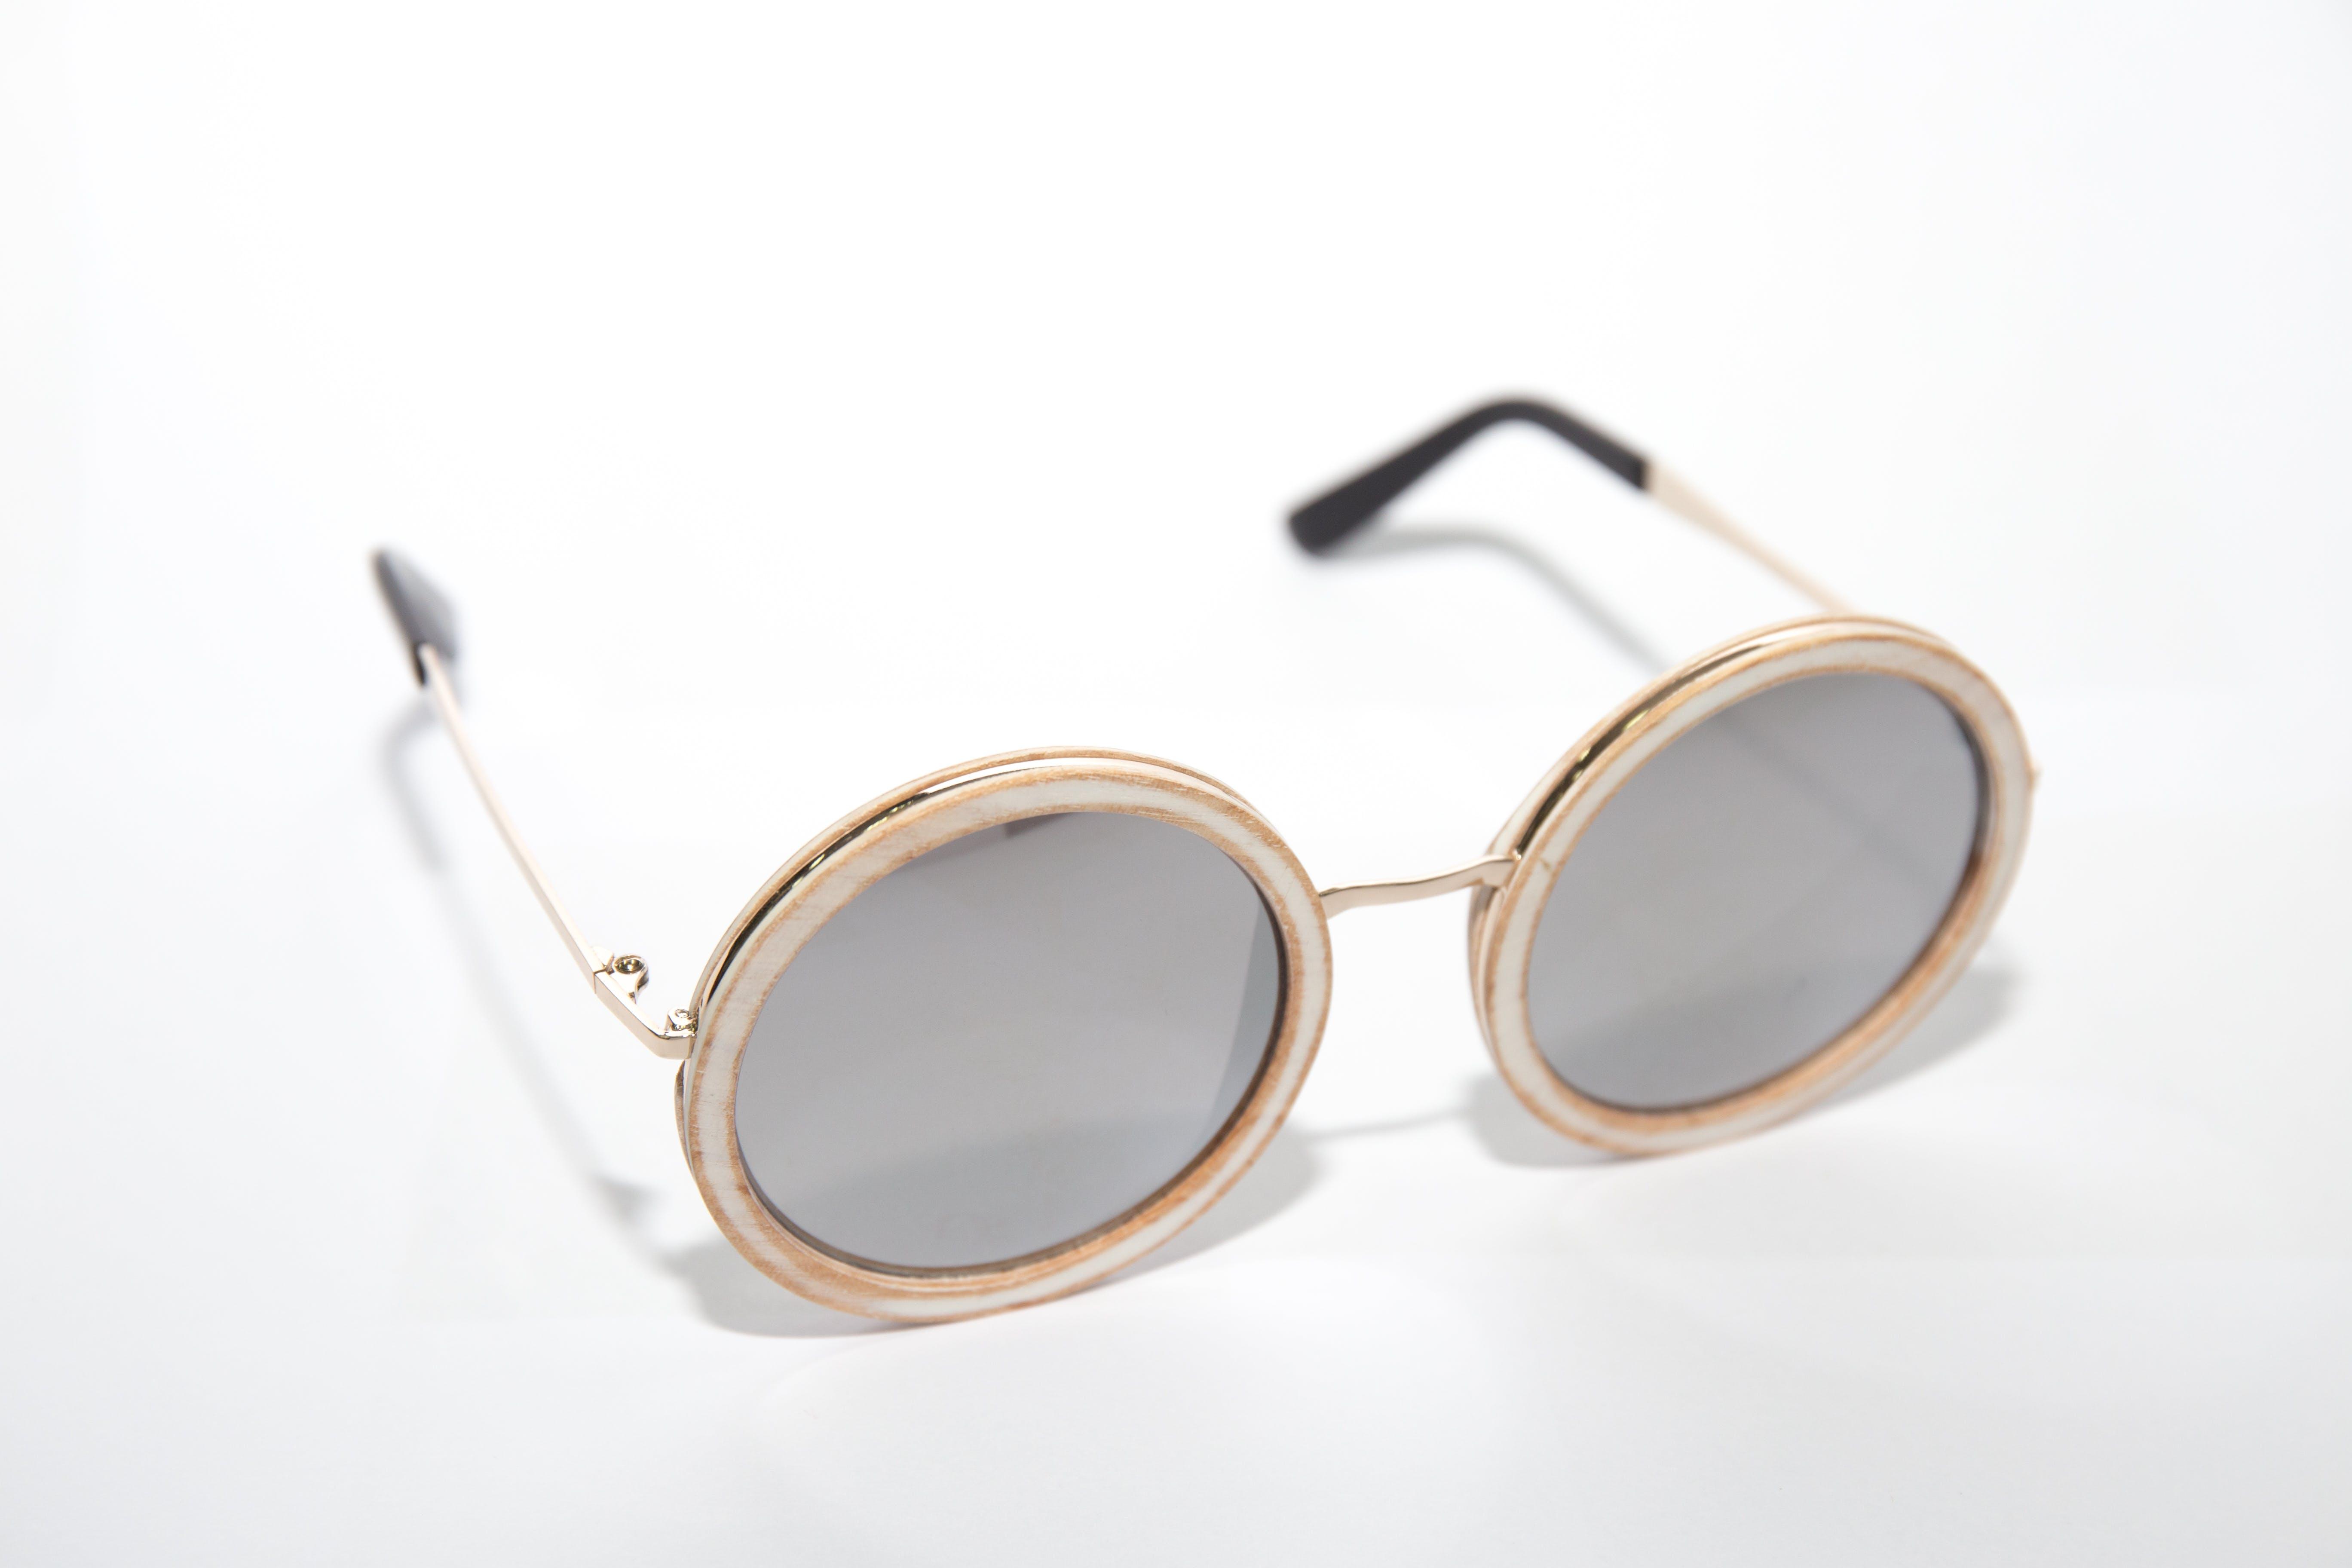 Ilmainen kuvapankkikuva tunnisteilla asuste, aurinkolasit, silmälasit